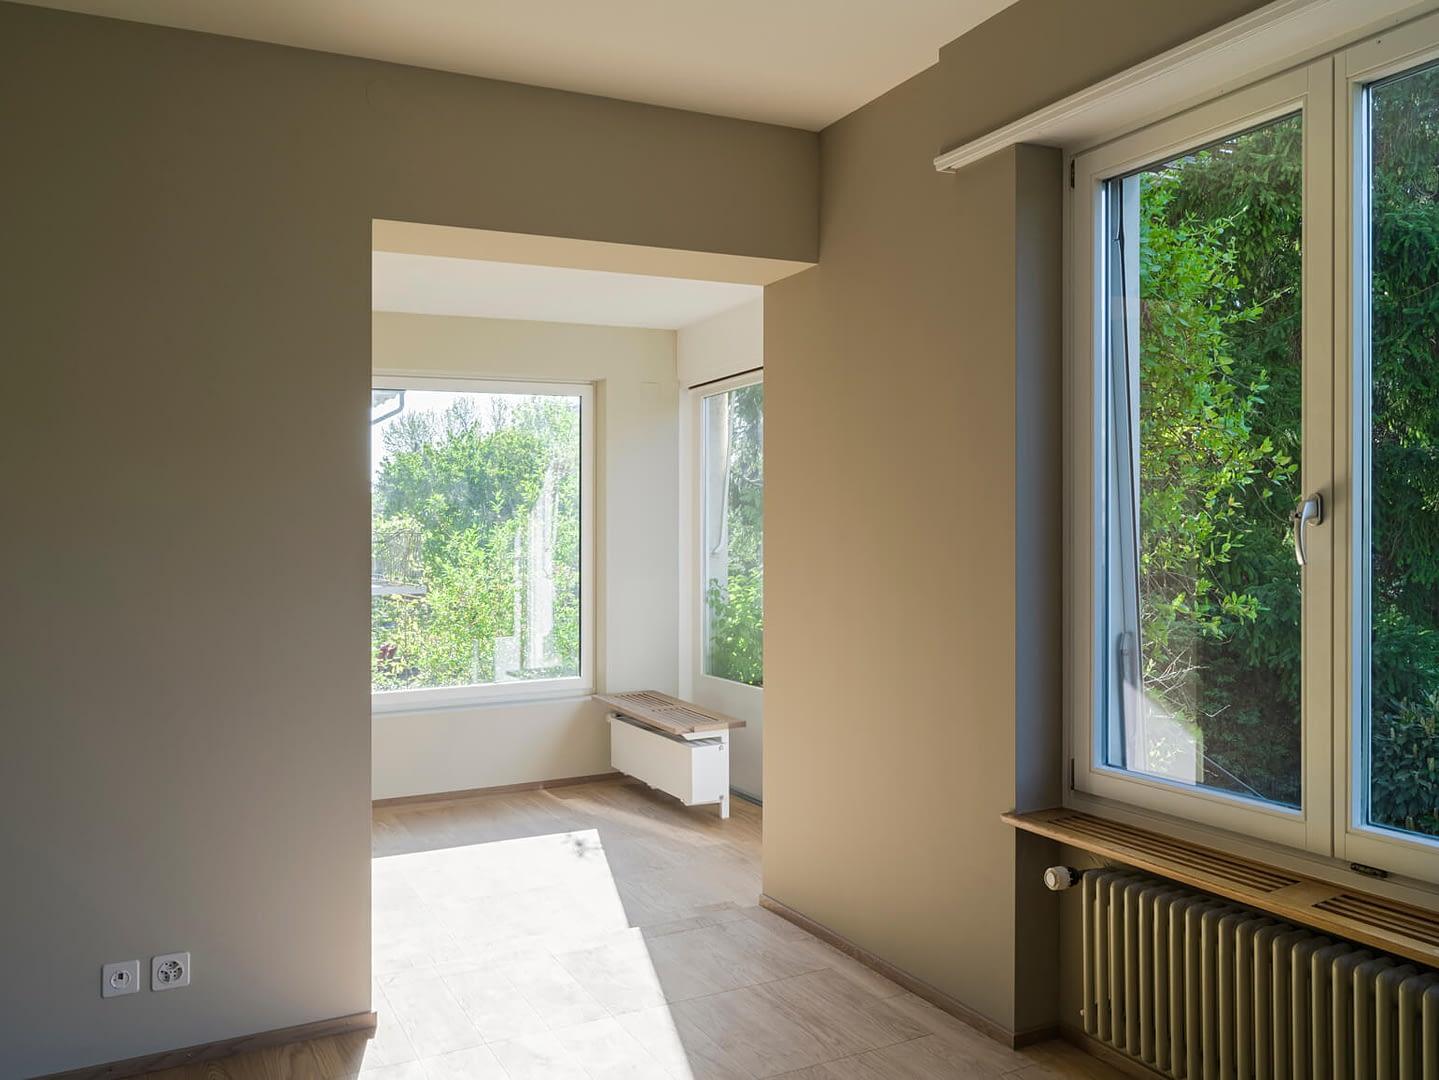 Sanierung Wohnhaus in Binningen, Zimmer